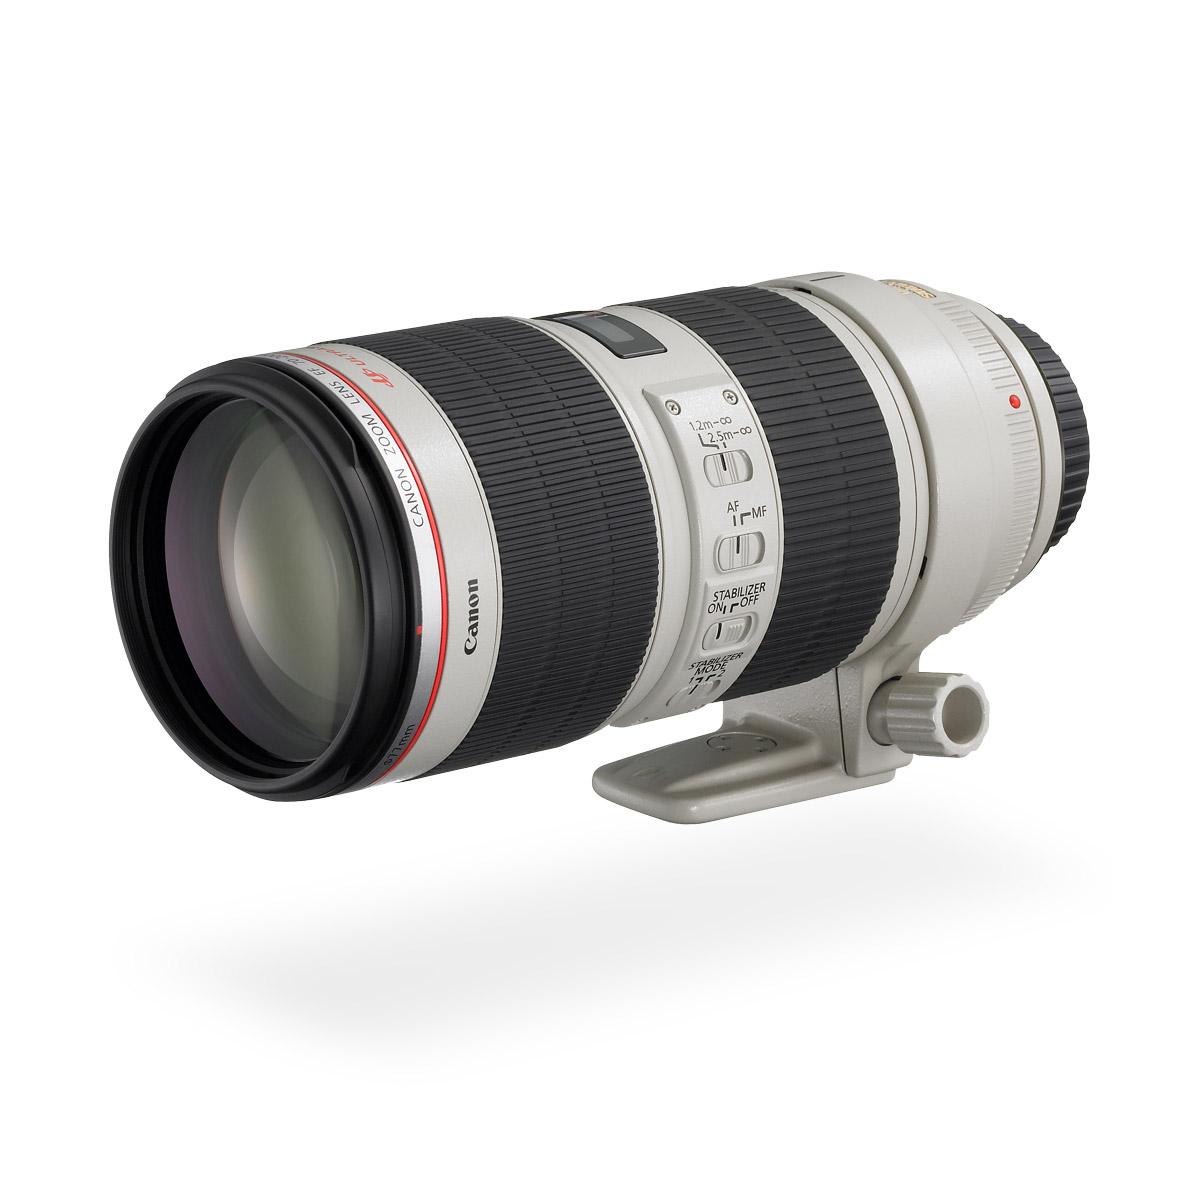 EF 70-200mm f/2.8L IS II USM lens